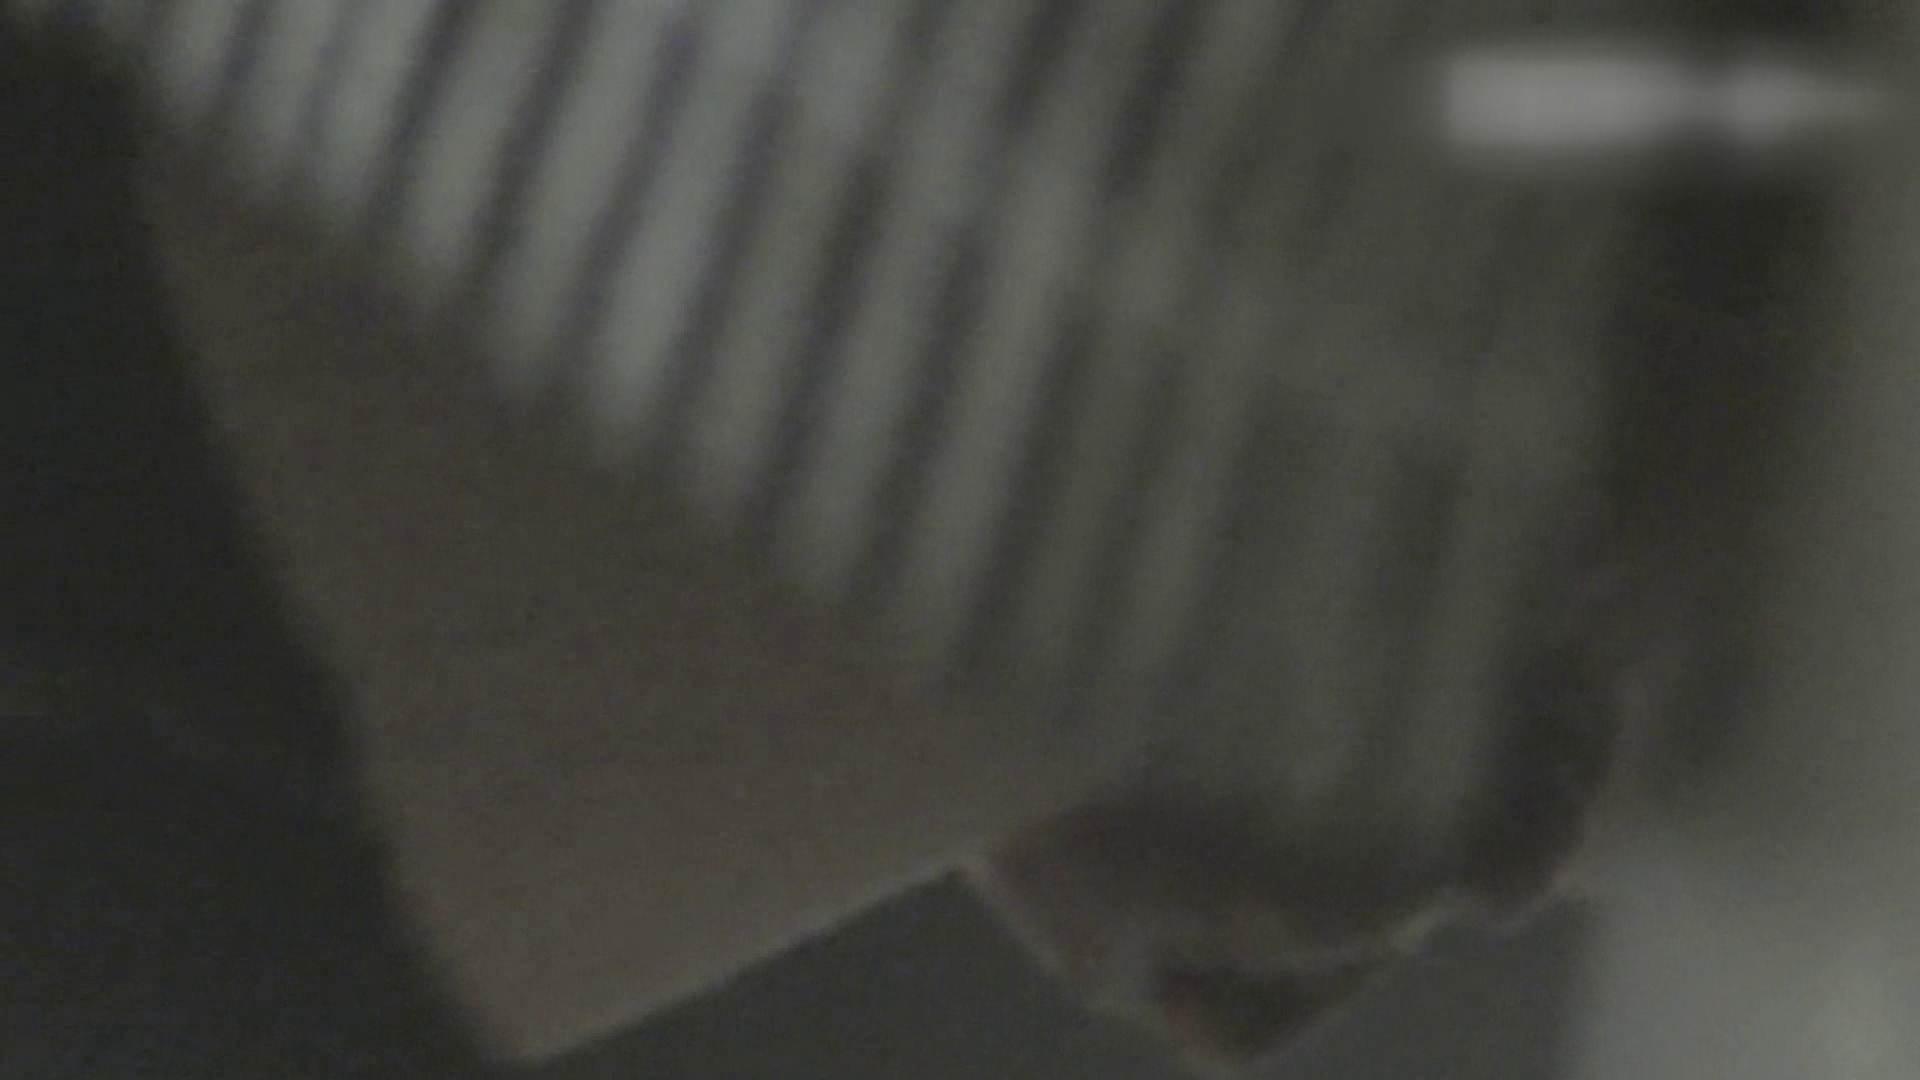 ロックハンドさんの盗撮記録File.15 潜入 盗撮AV動画キャプチャ 91連発 75